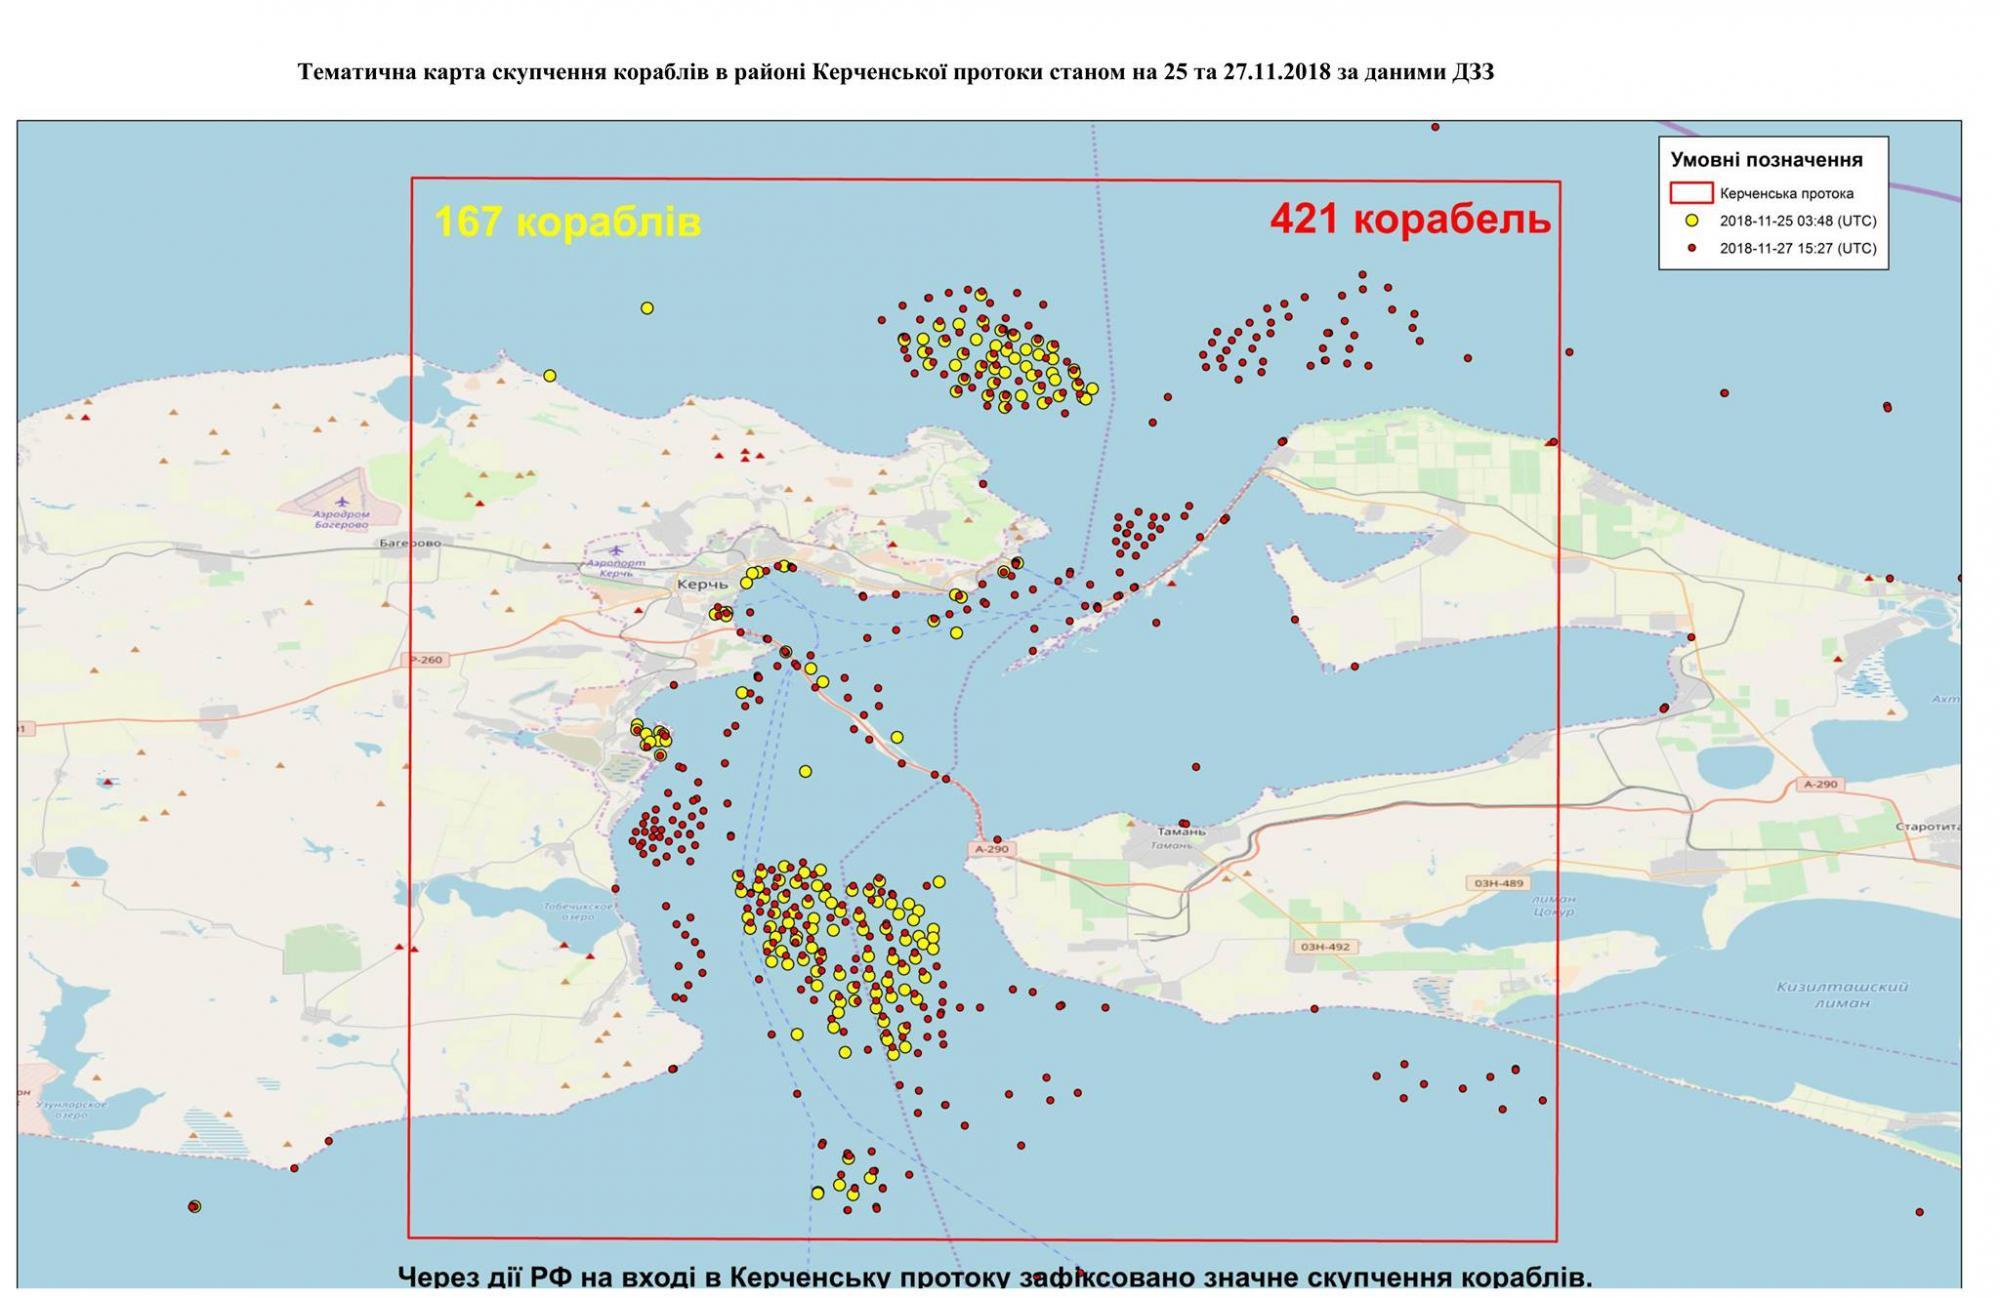 В Керченском проливе из-за блокировки движения зафиксировали 421 корабль, - МинВОТ